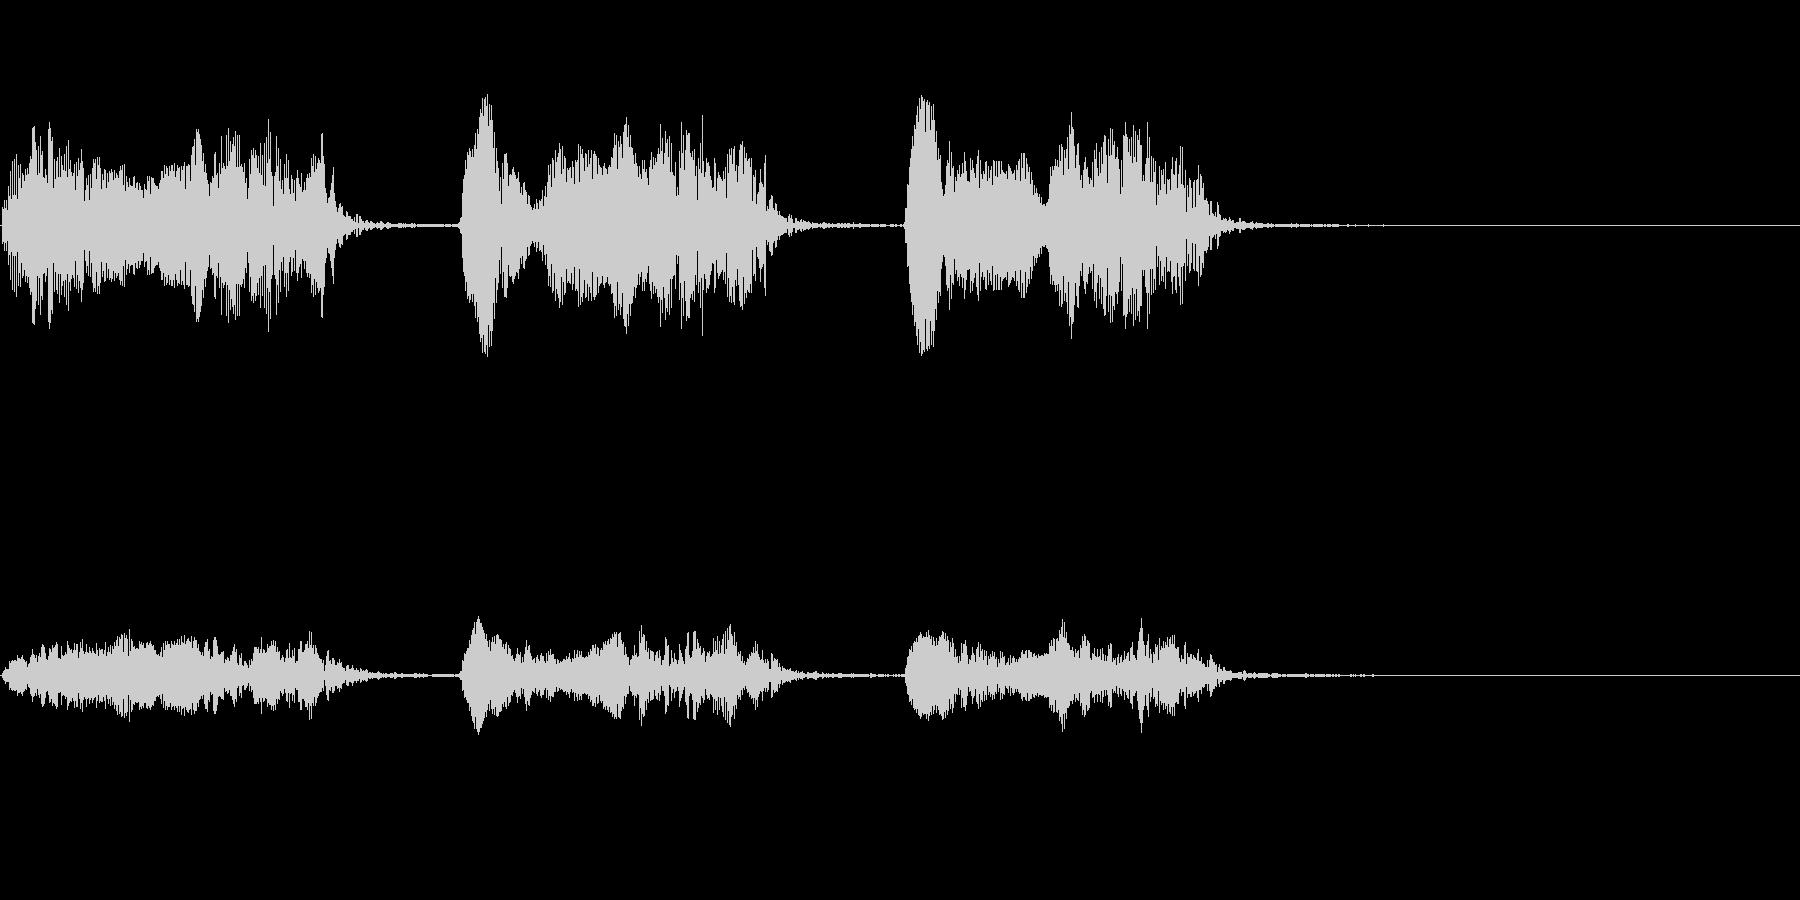 【生録音】カラスの鳴く音2 カーカーカーの未再生の波形